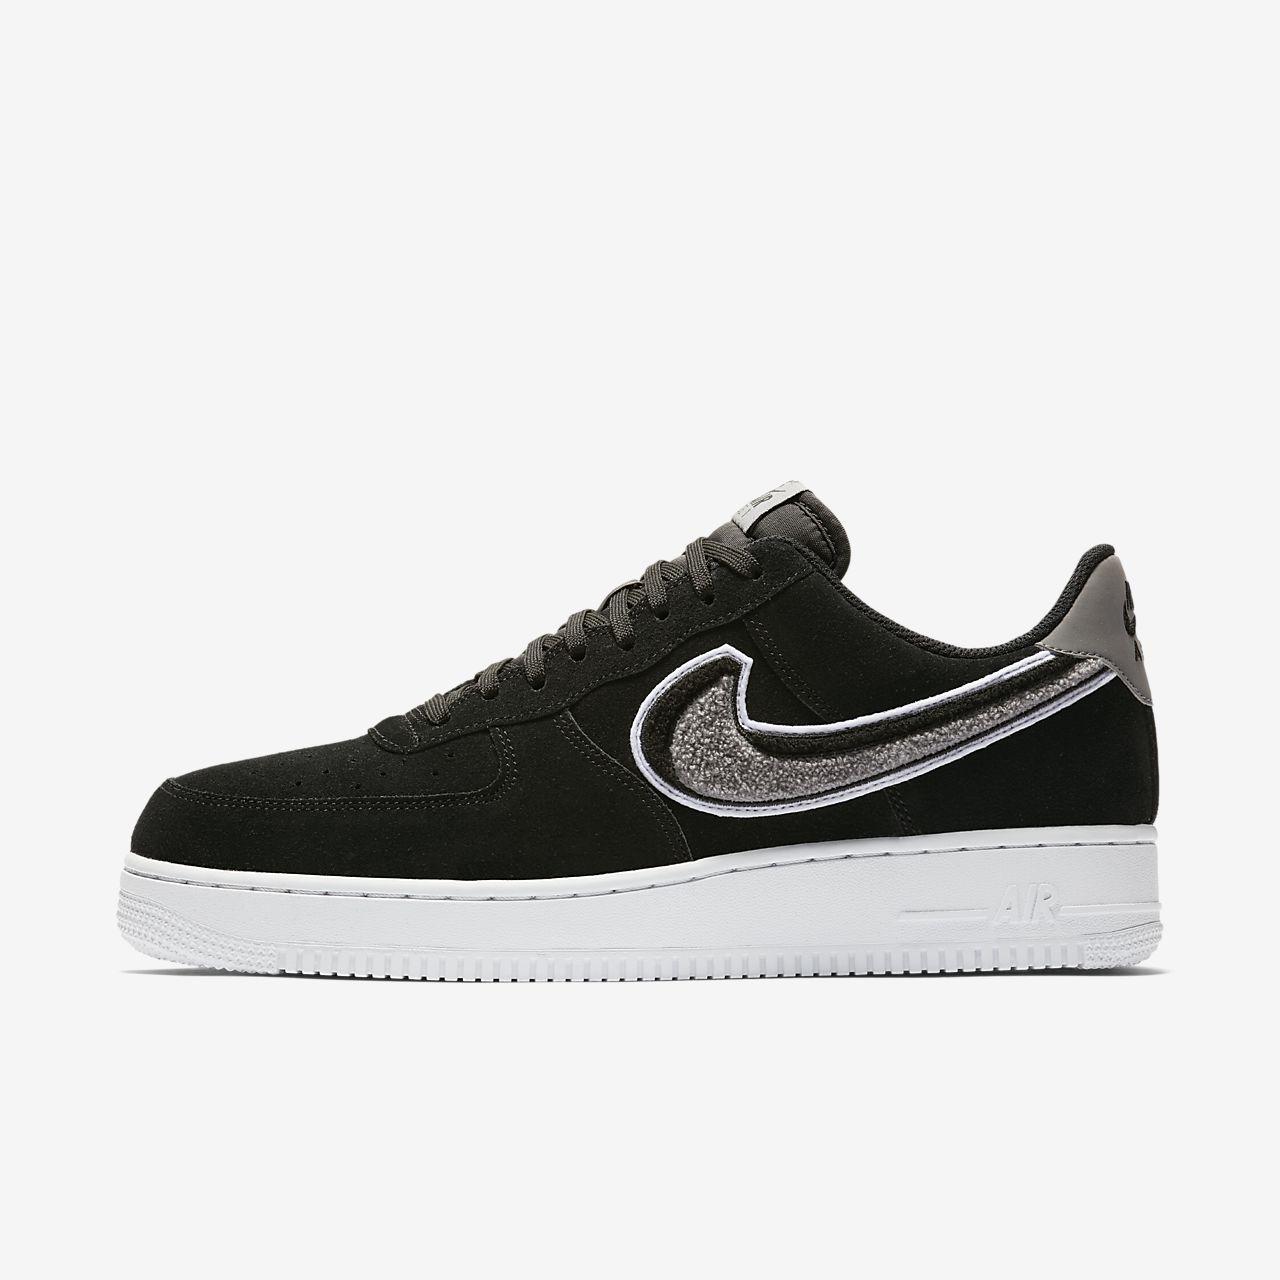 Nike Air Force 1 Low 07 LV8 herresko